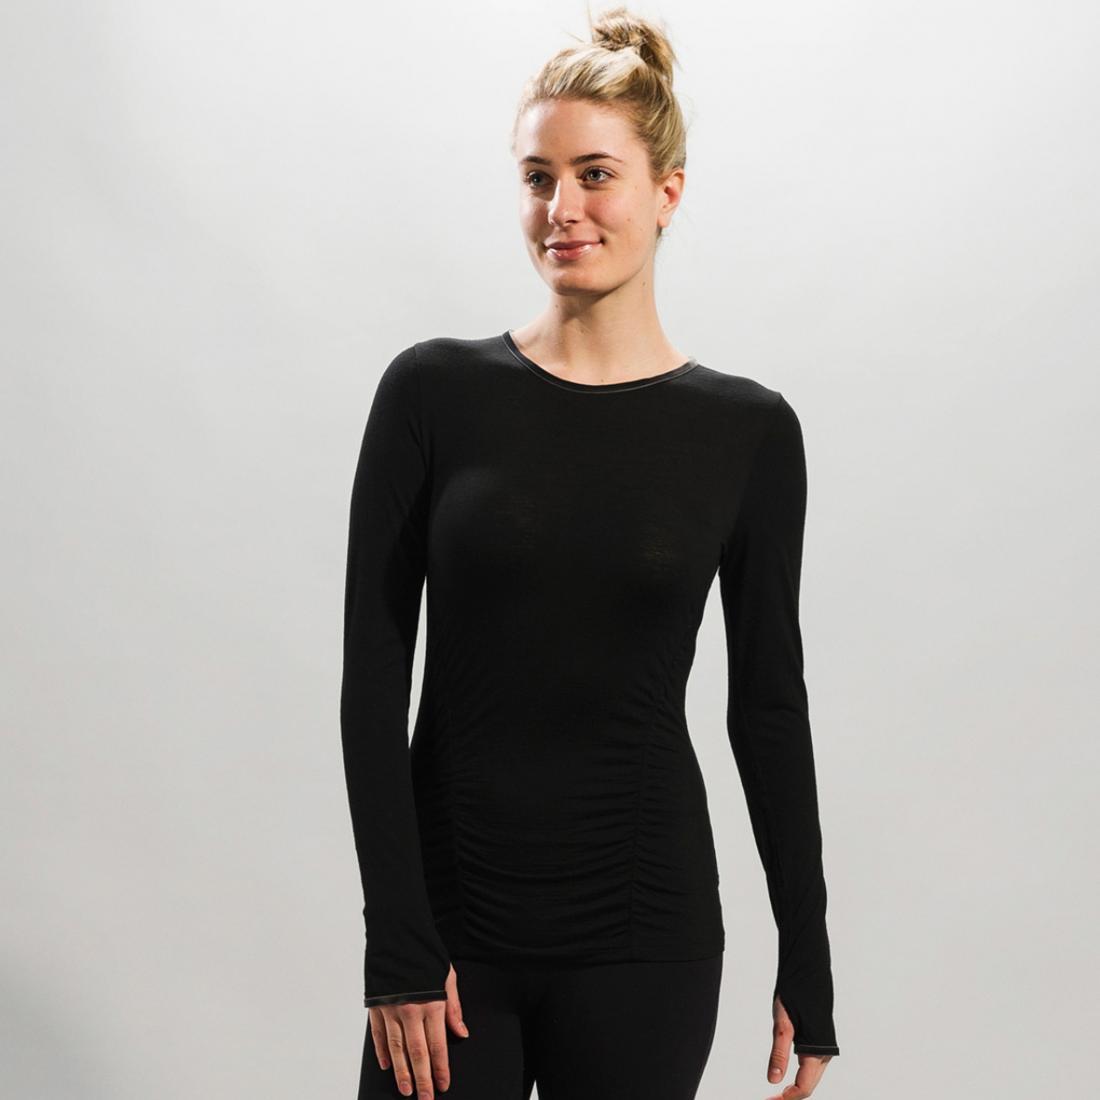 Топ LSW0752 PONDER 2 TOPФутболки, поло<br><br> Топ Ponder 2 Top LSW0752 – практичная футболка для девушек, которую можно использовать в качестве обычного лонгслива и нательного термобелья. Г...<br><br>Цвет: Черный<br>Размер: M